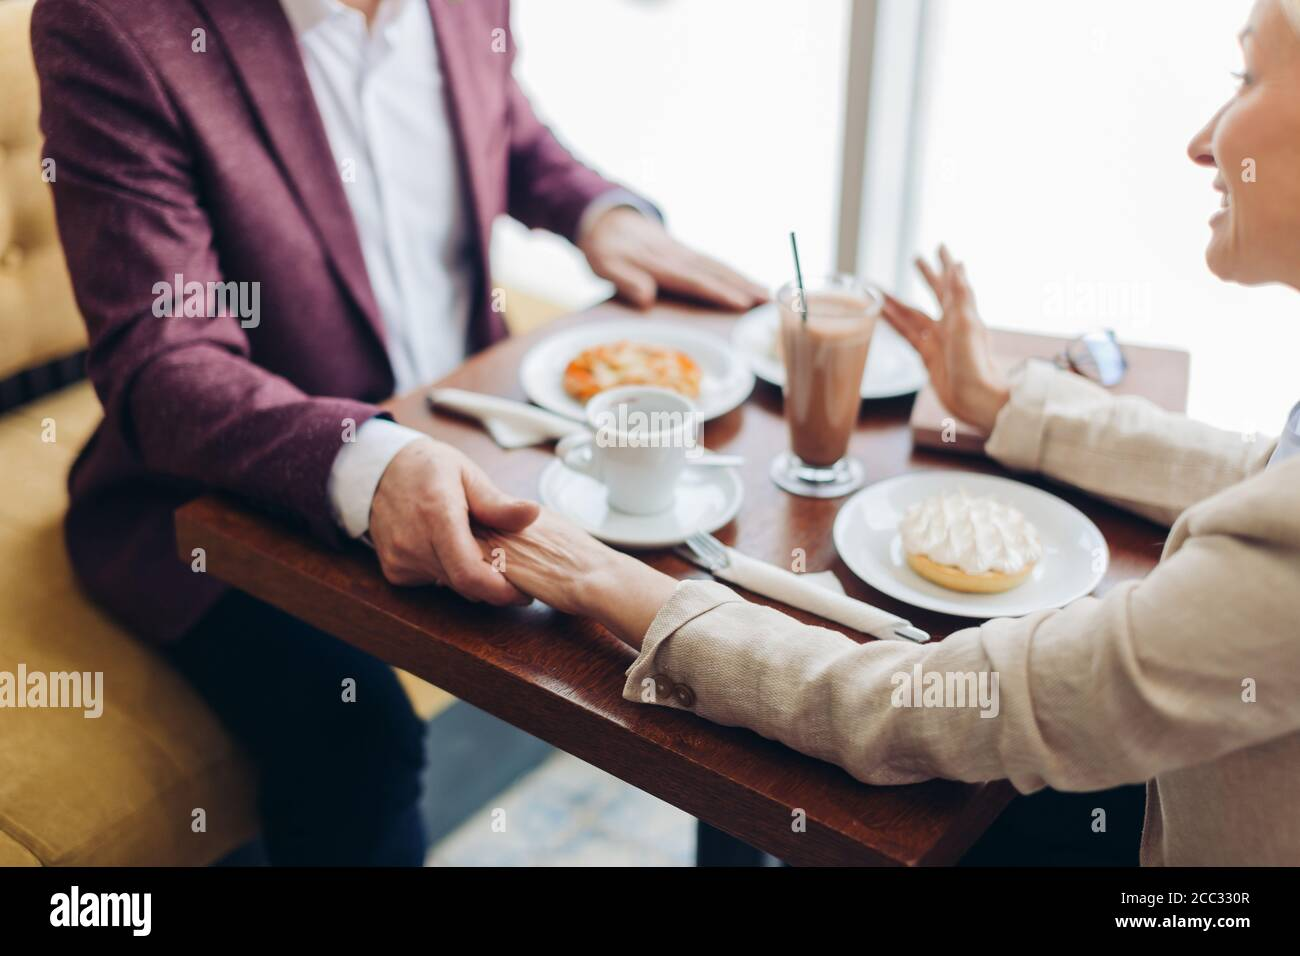 Reifes Paar genießen das Datum. Close up beschnitten photo.woman geben Beratung zu einem Mann Stockfoto